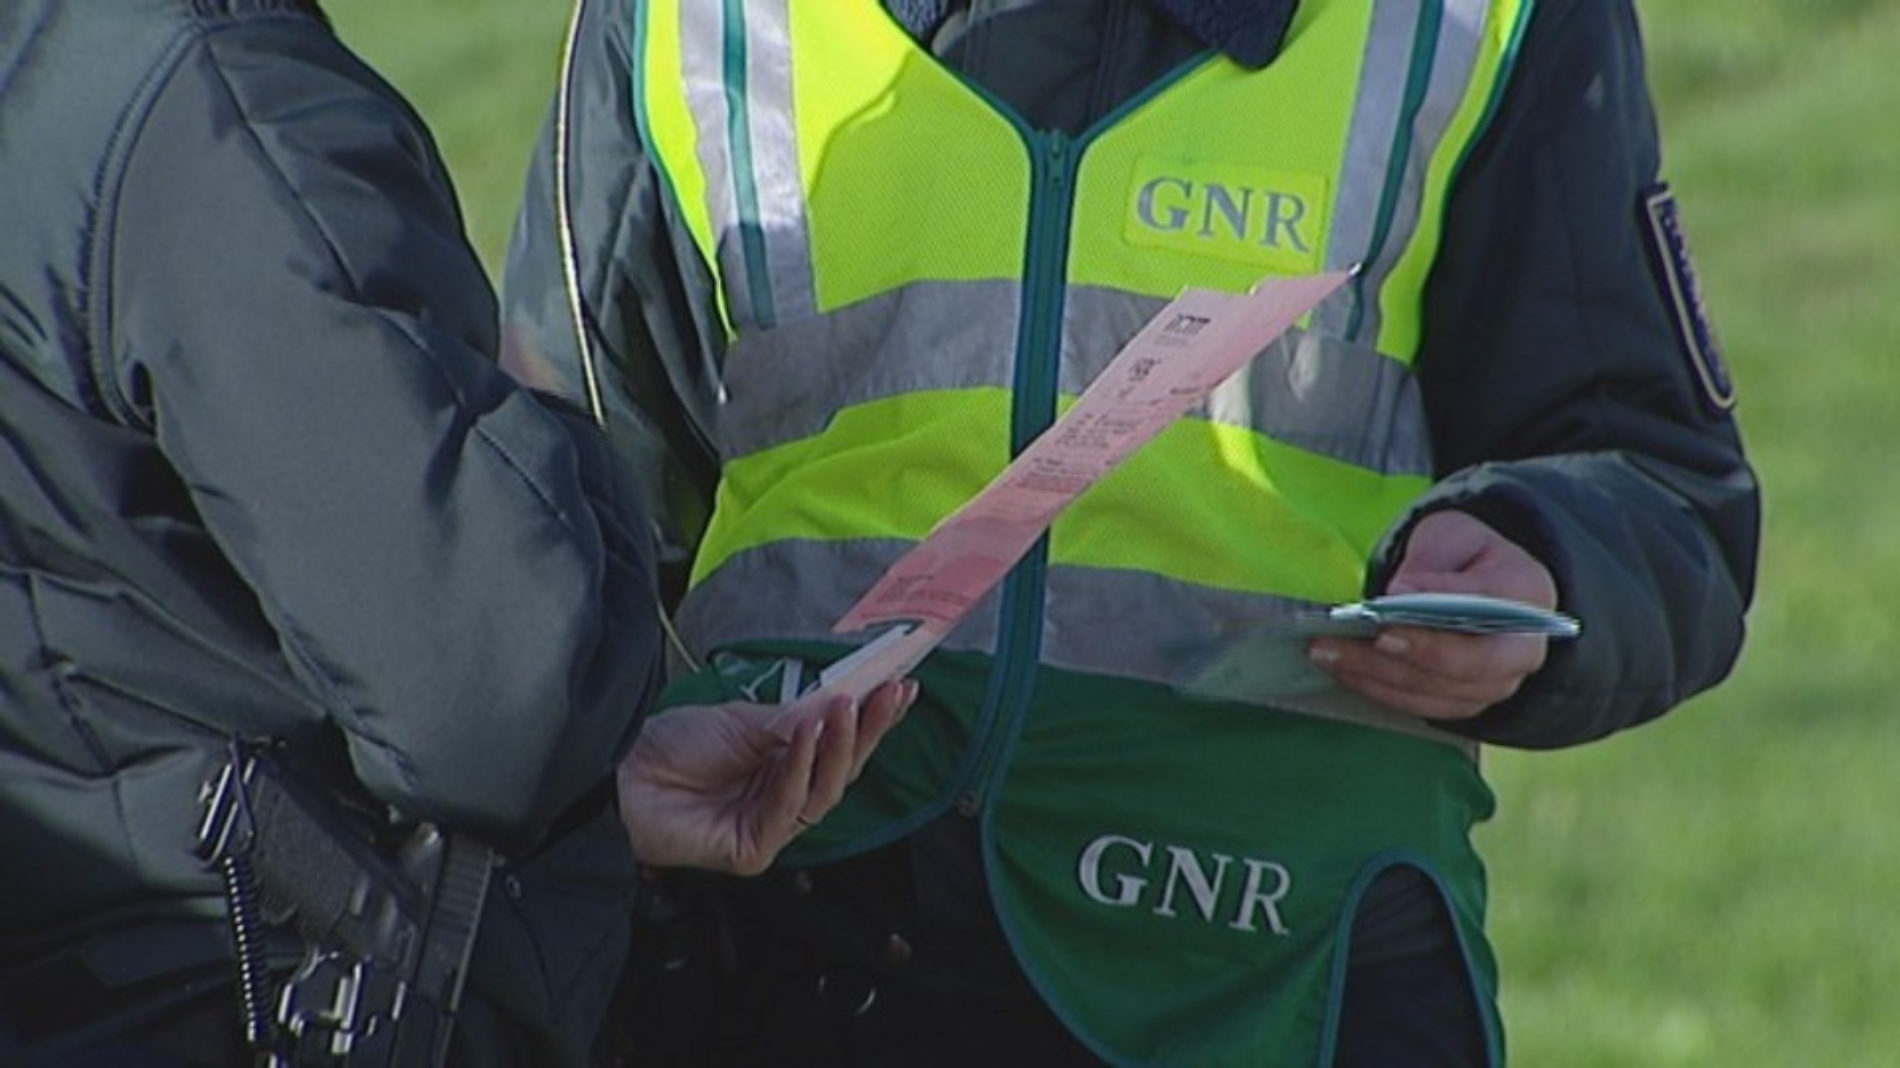 GNR fez 21 detenções e detetou 317 infrações no distrito na última semana